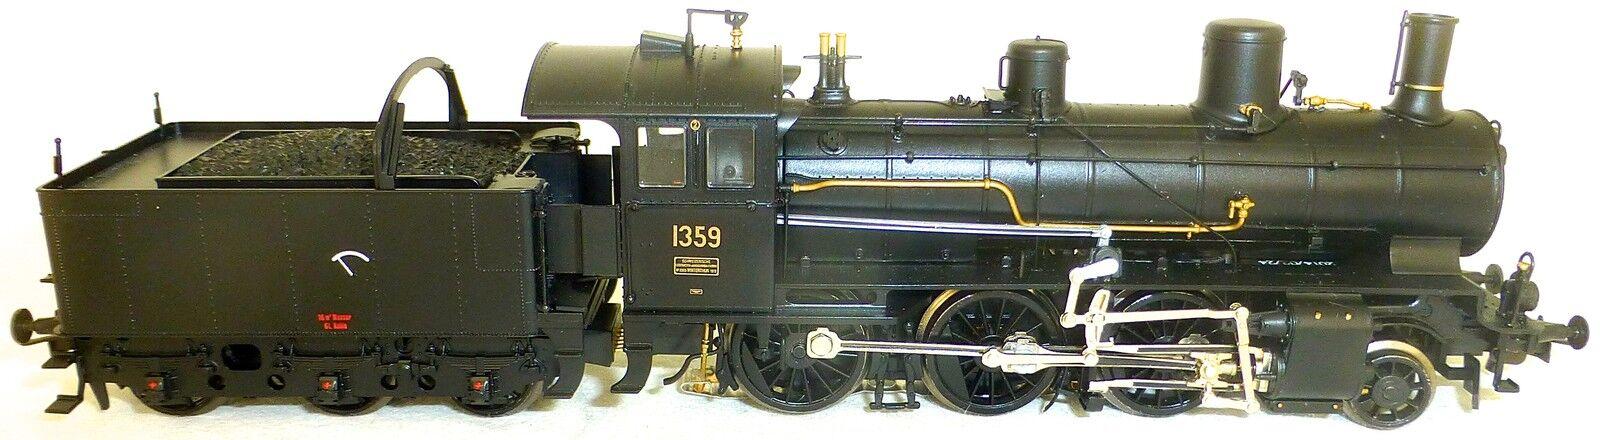 SBB B 3 4 1310 máquina de vapor epi f Märklin ac Liliput l131955 OVP h0 1 87 kb2 µg